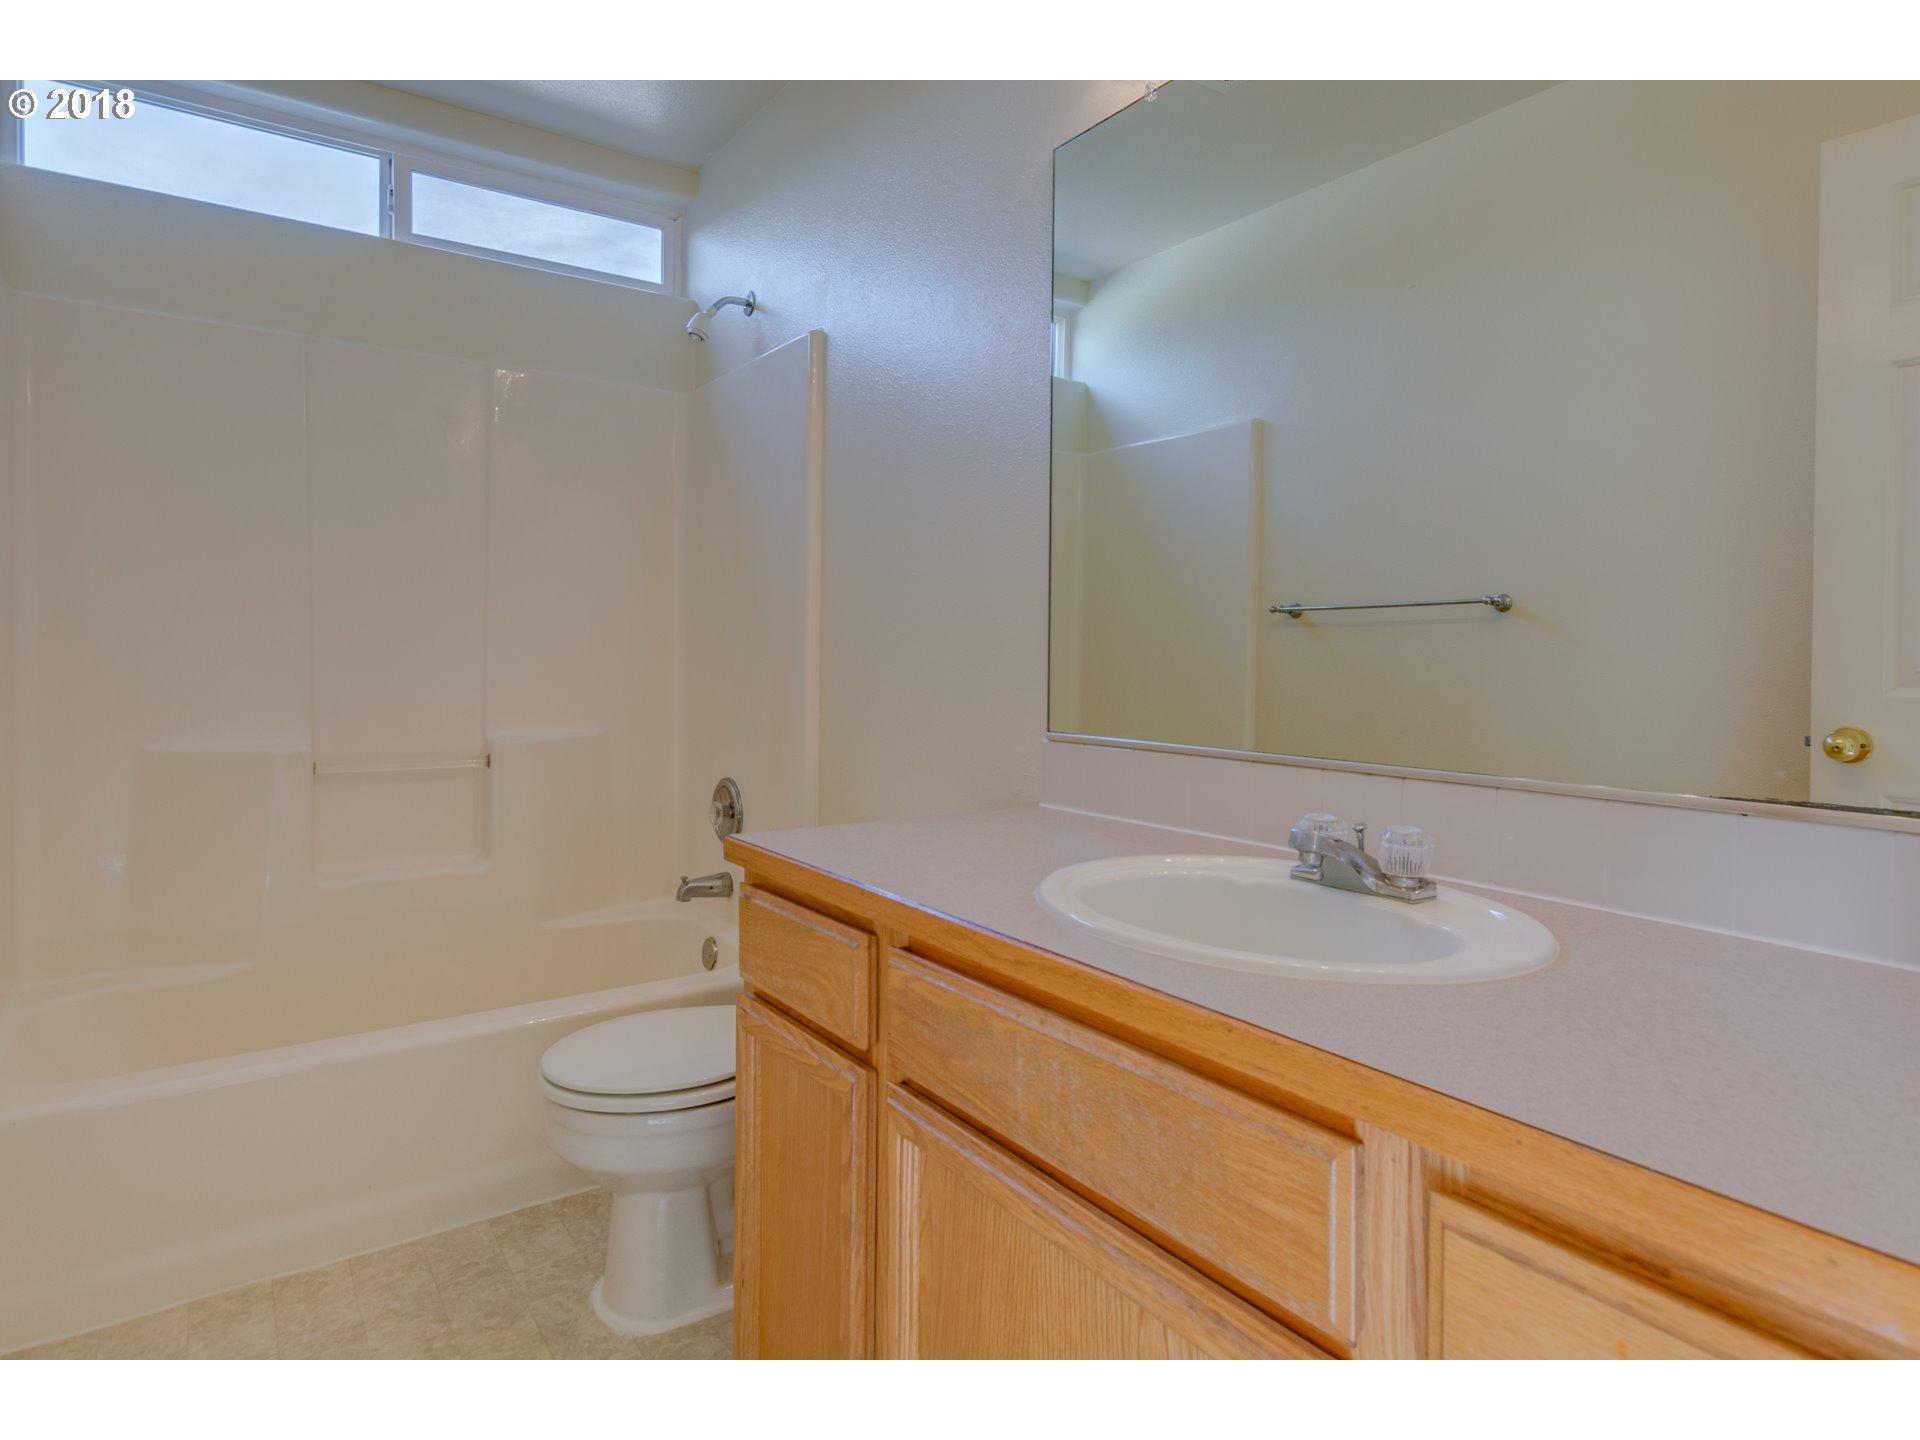 2608 NE 80TH ST Vancouver, WA 98665 - MLS #: 18679871